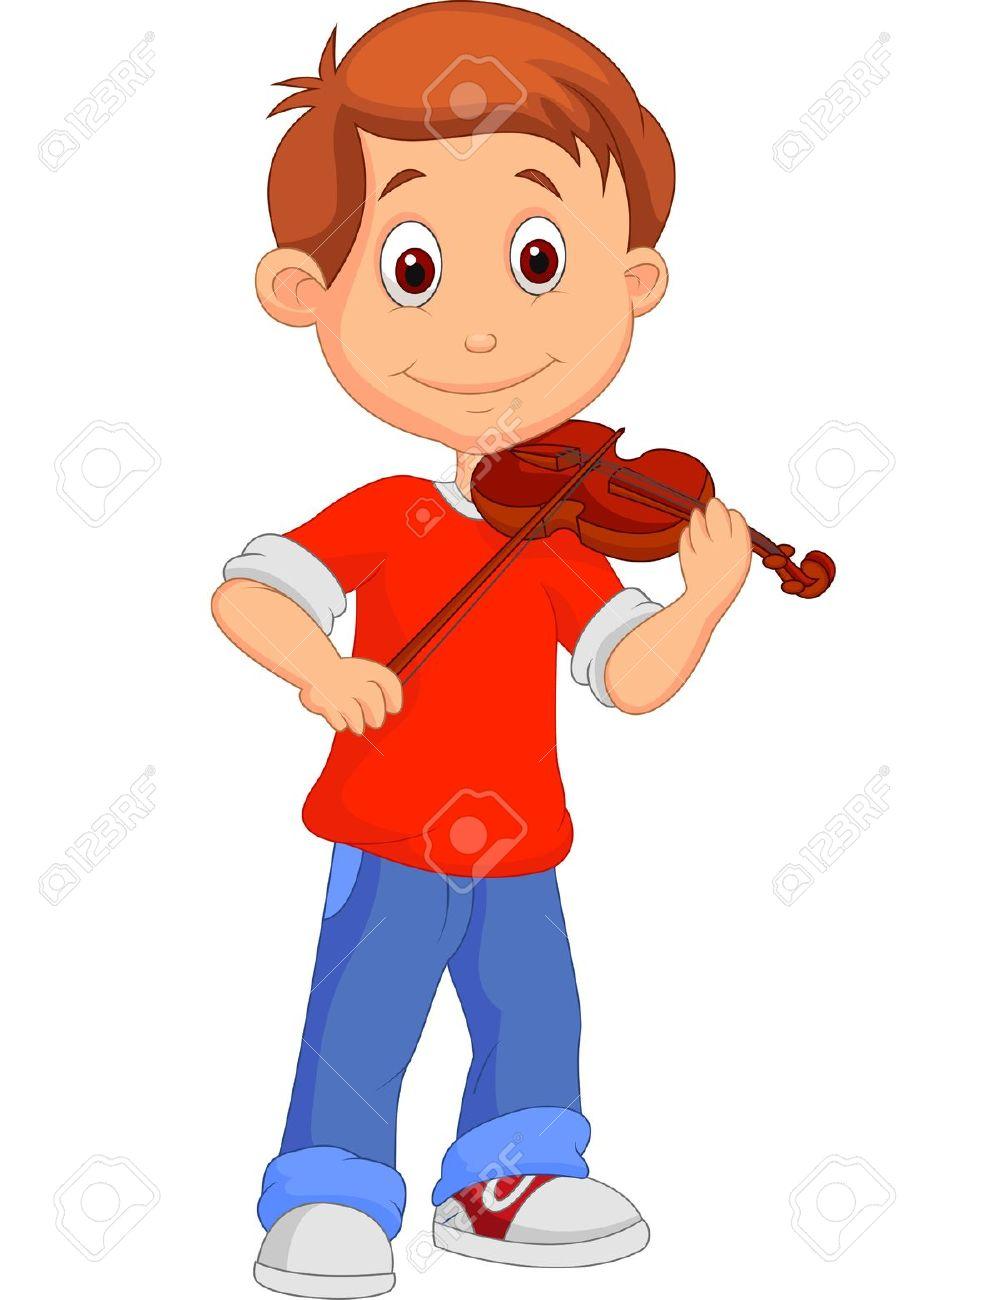 Boy Cartoon Playing His Violin Royalty Free Cliparts, Vectors, And.